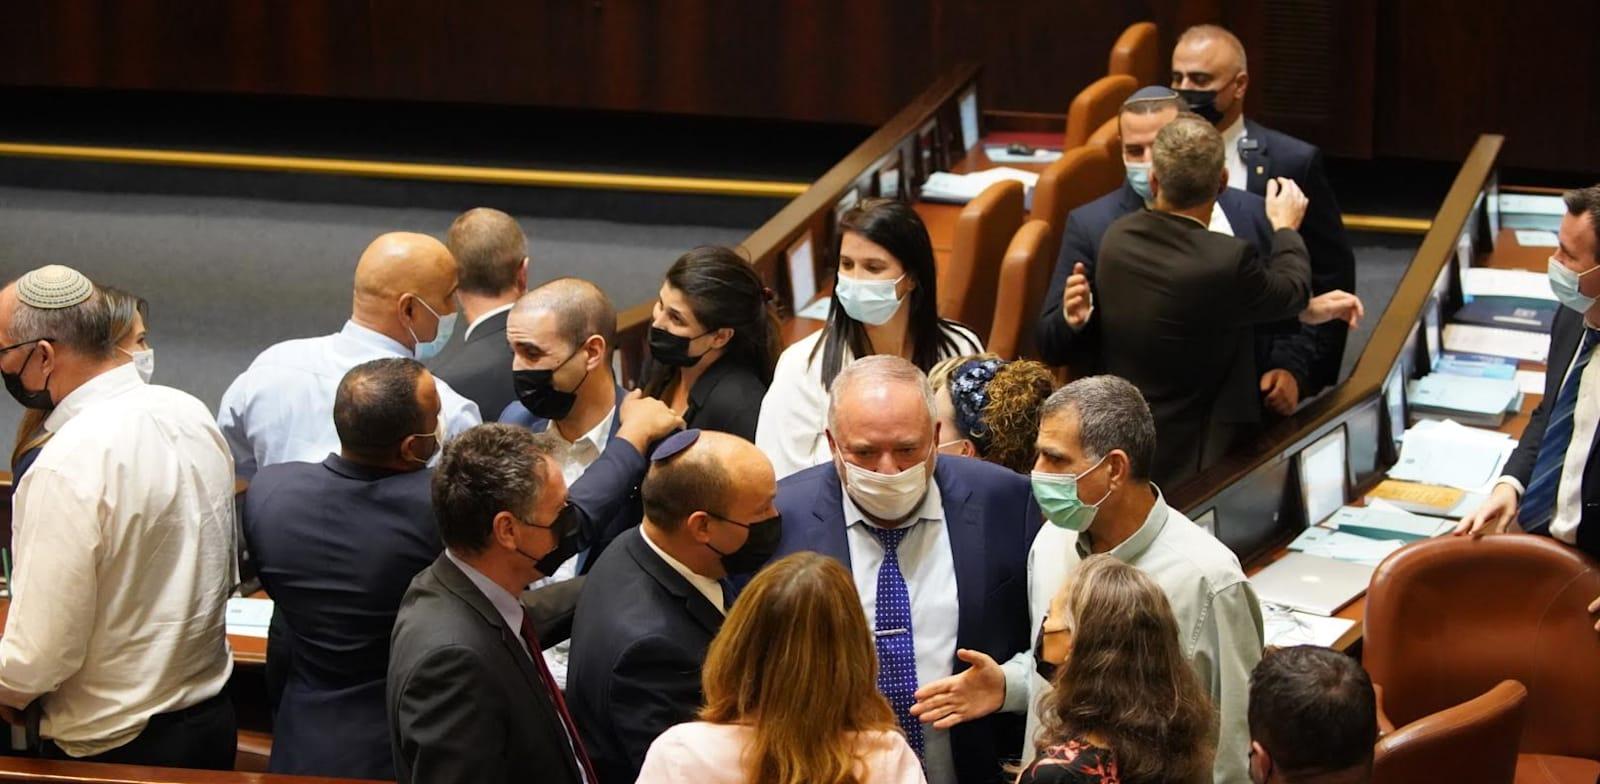 הקואליציה ביום ההצבעה על חוק ההסדרים. 2 בספטמבר / צילום: נועם מושקוביץ, דוברות הכנסת